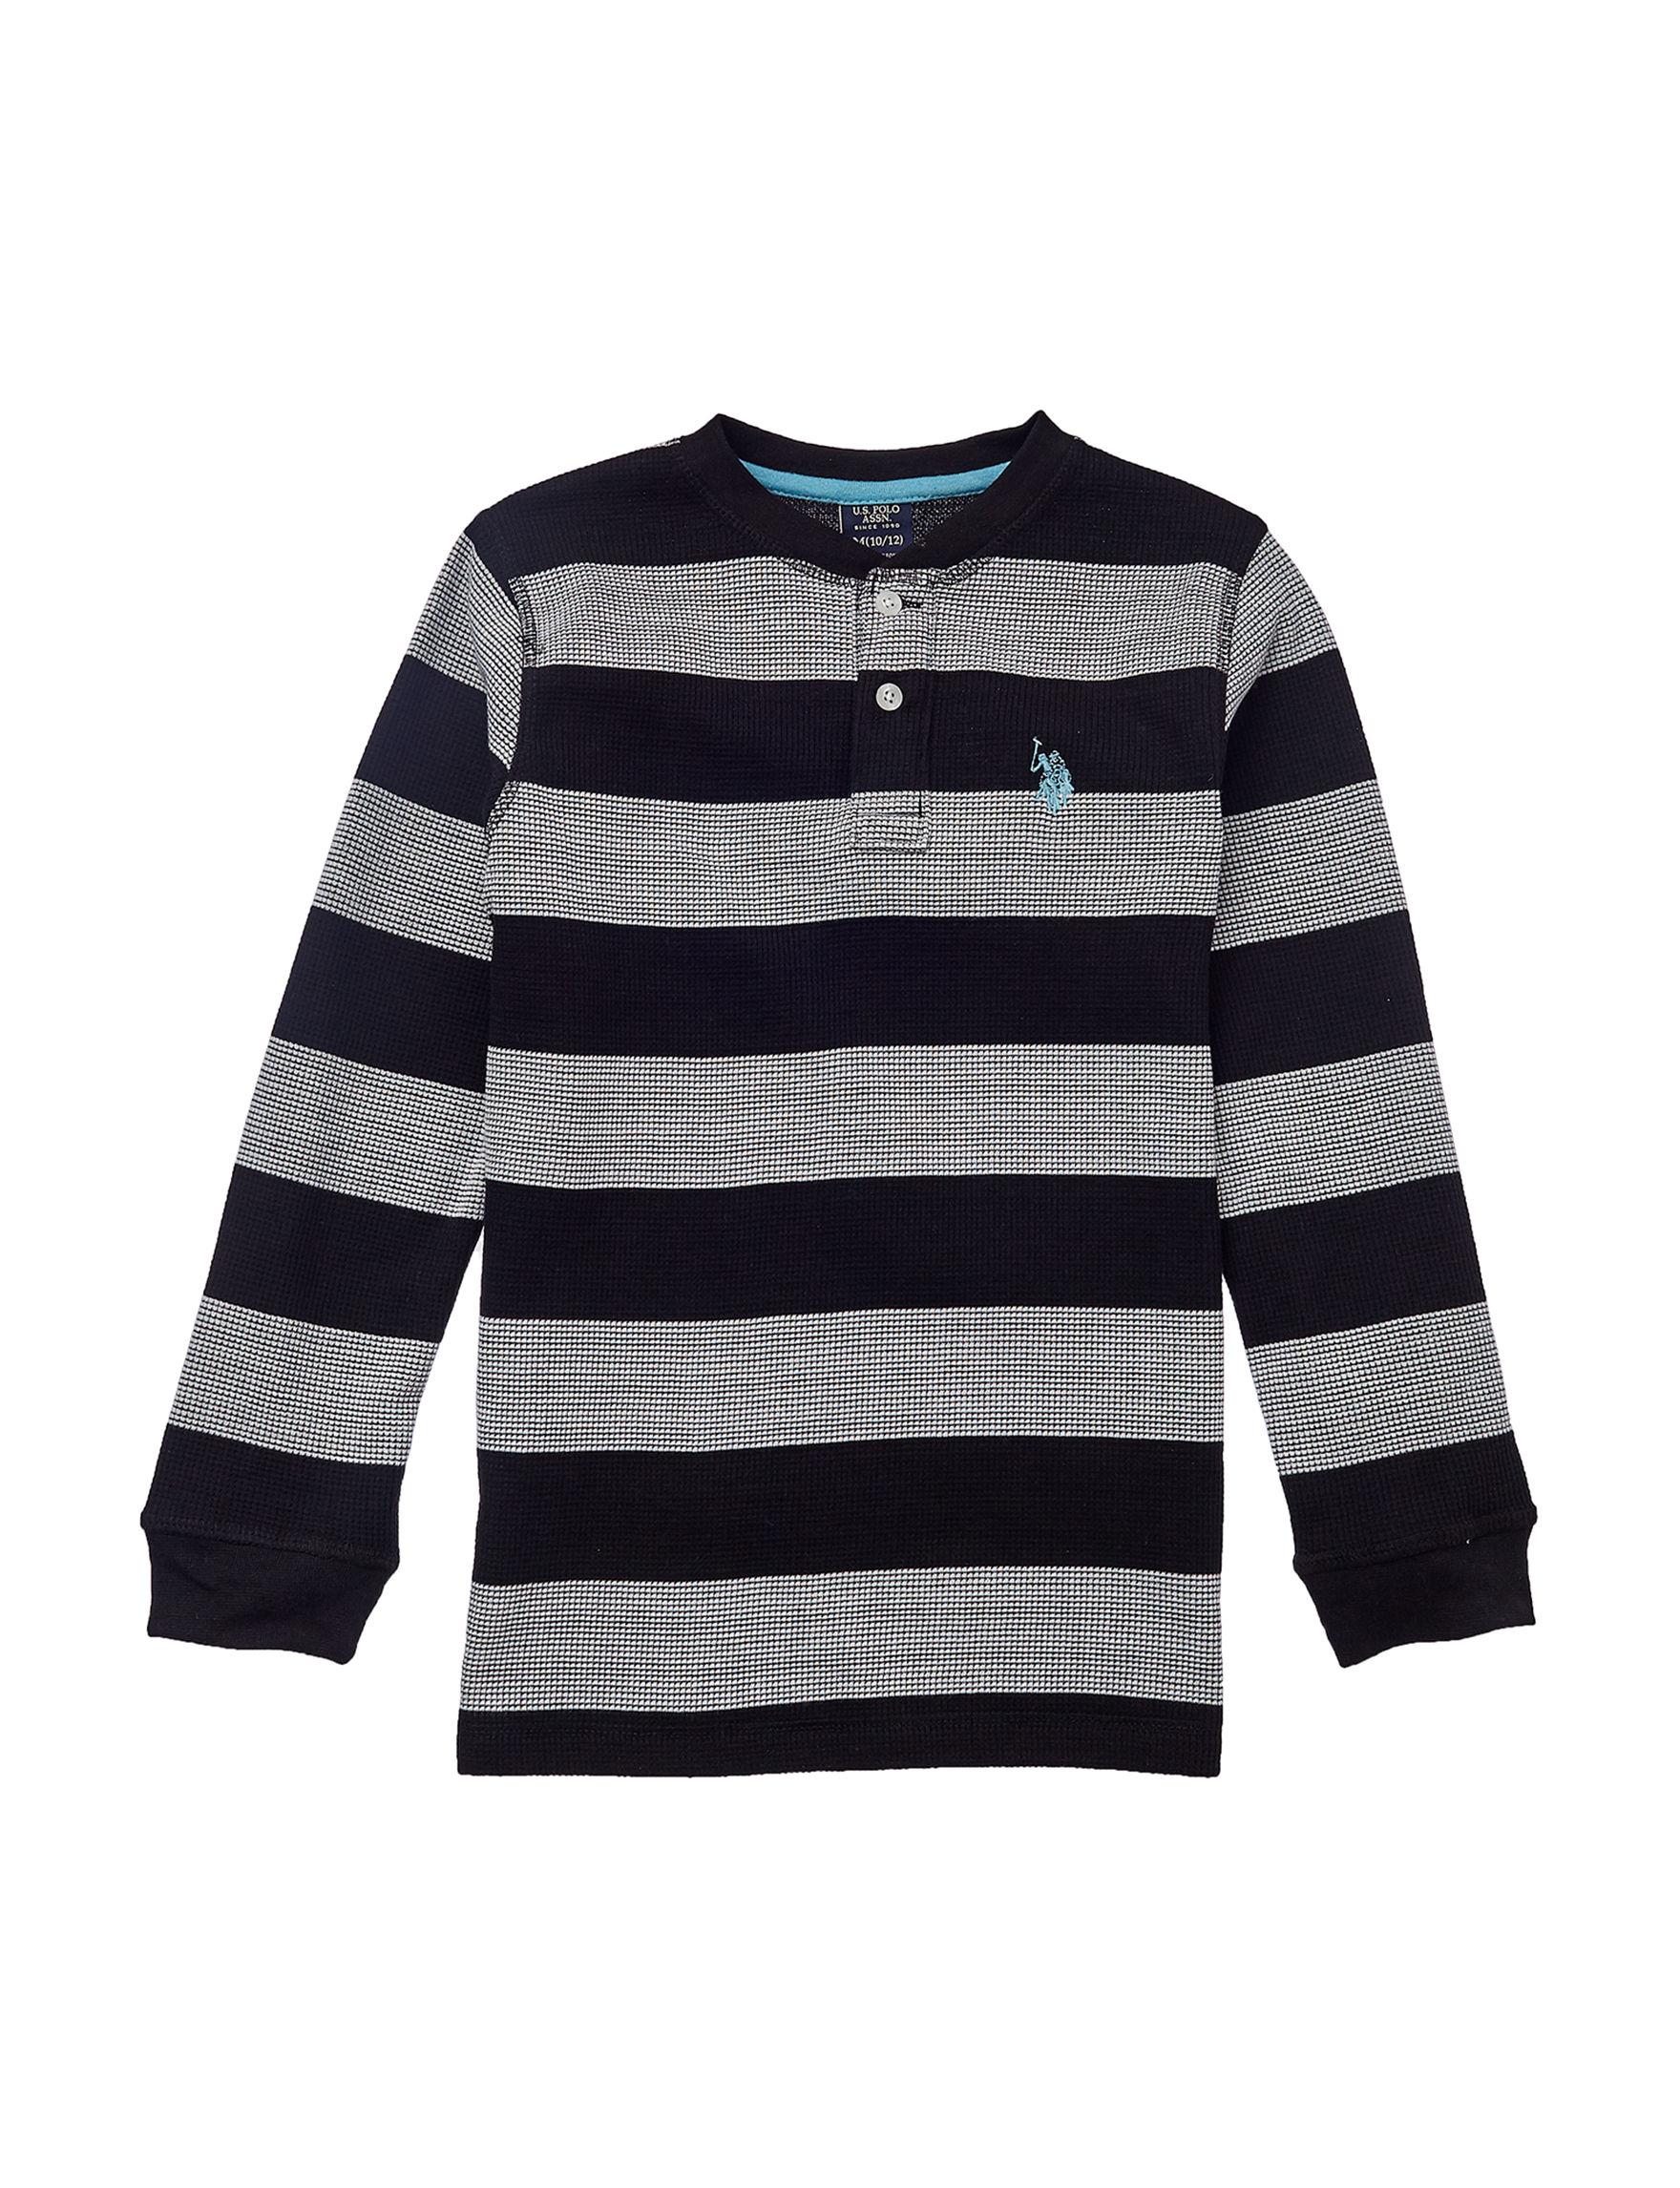 U.S. Polo Assn. Grey / Black